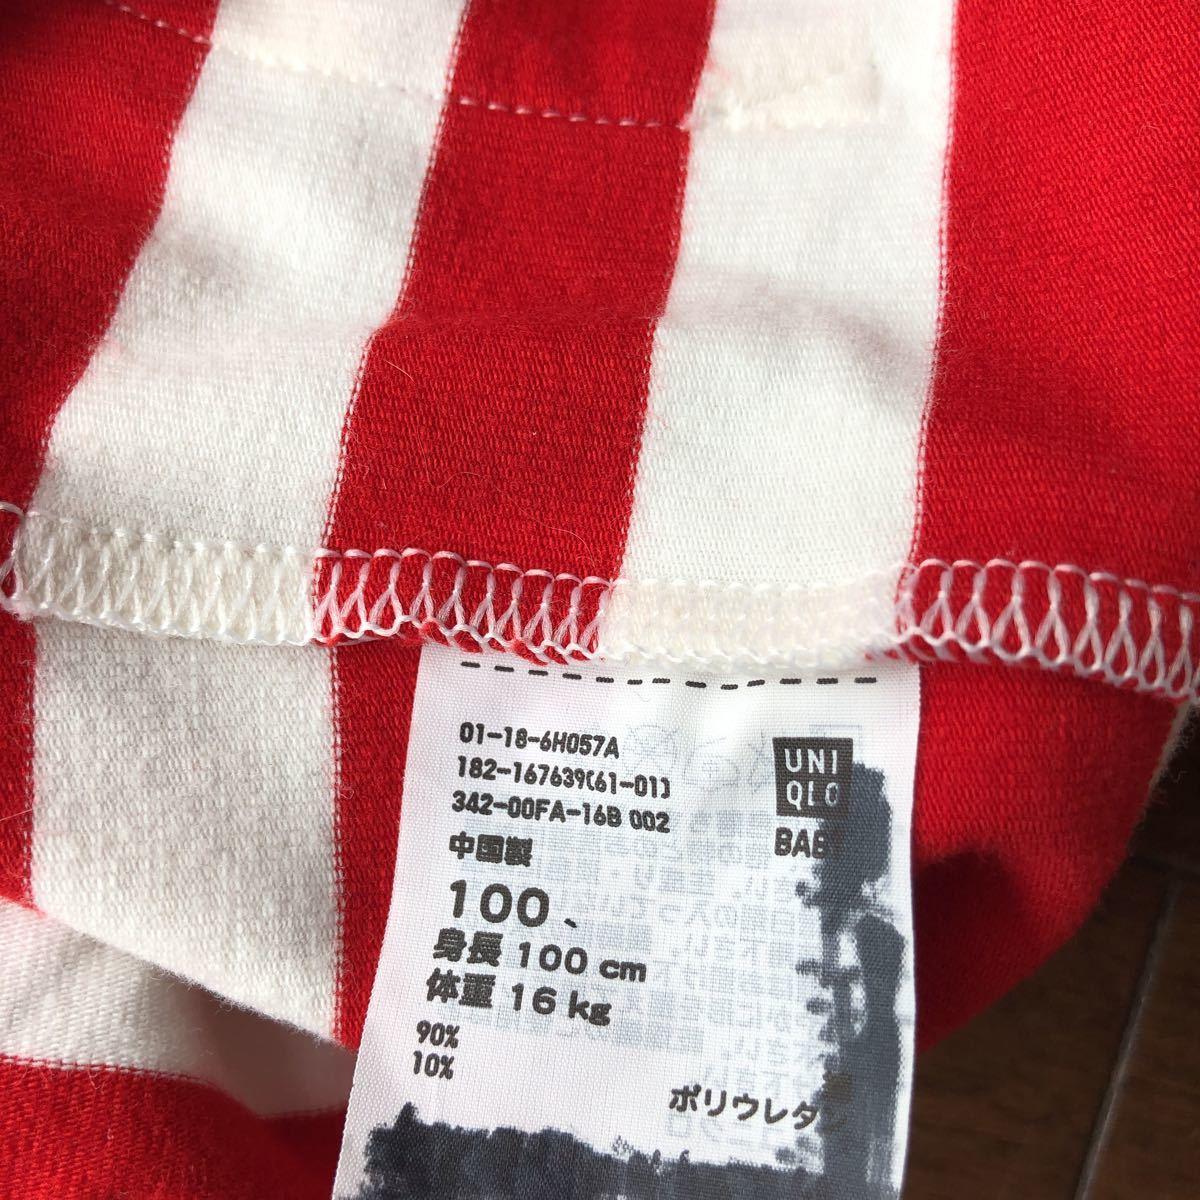 ユニクロUNIQLO ストレッチスパッツレギンス赤と白のボーダー100_画像3